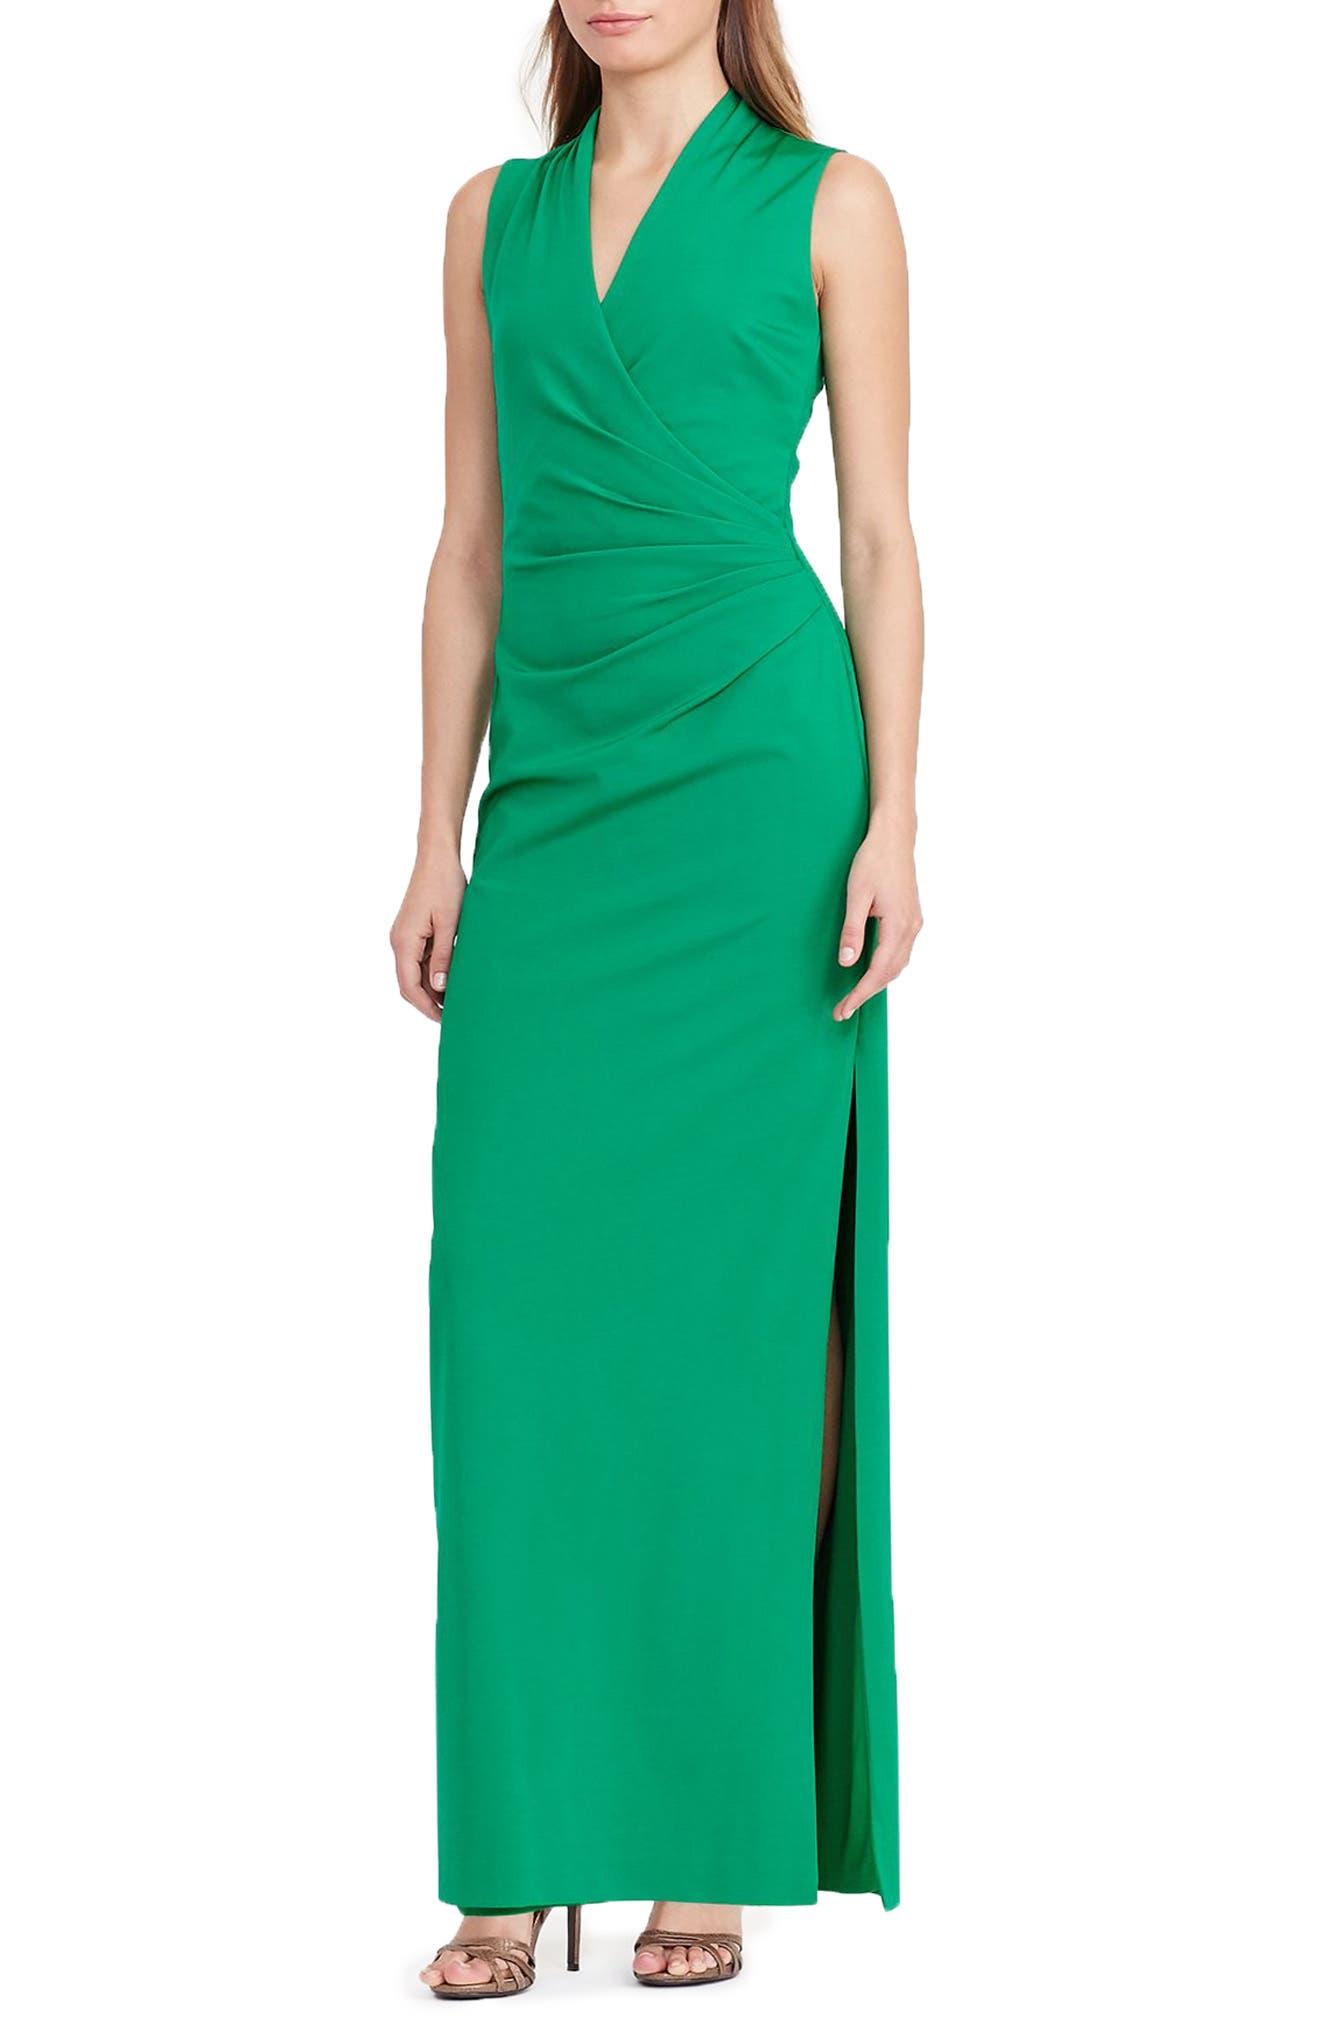 Alternate Image 1 Selected - Lauren Ralph Lauren Ruched Gown (Regular & Petite)